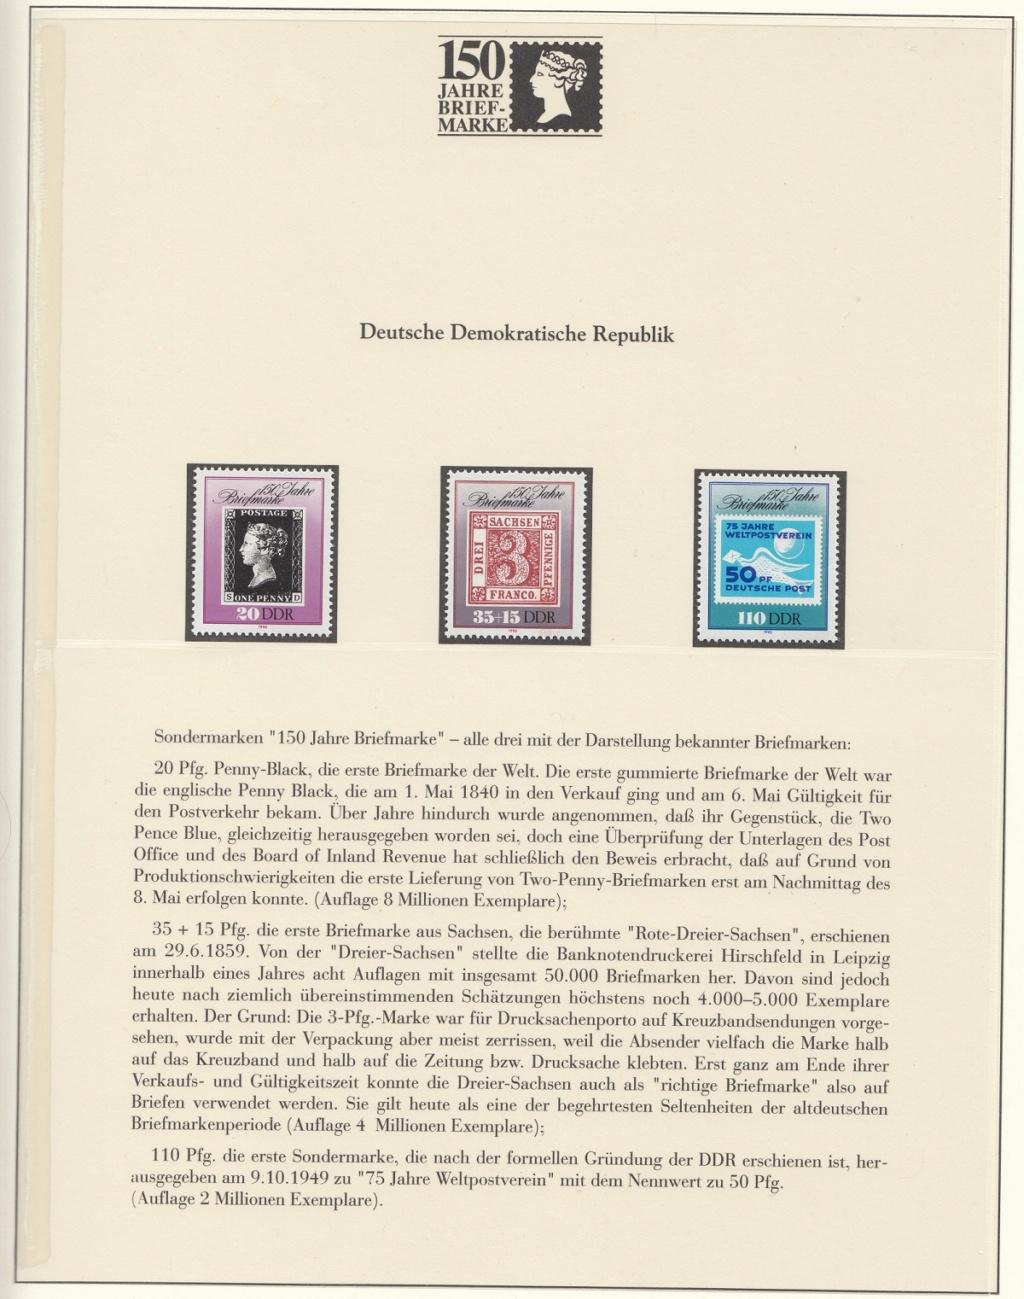 180 Jahre Briefmarke 150-2510